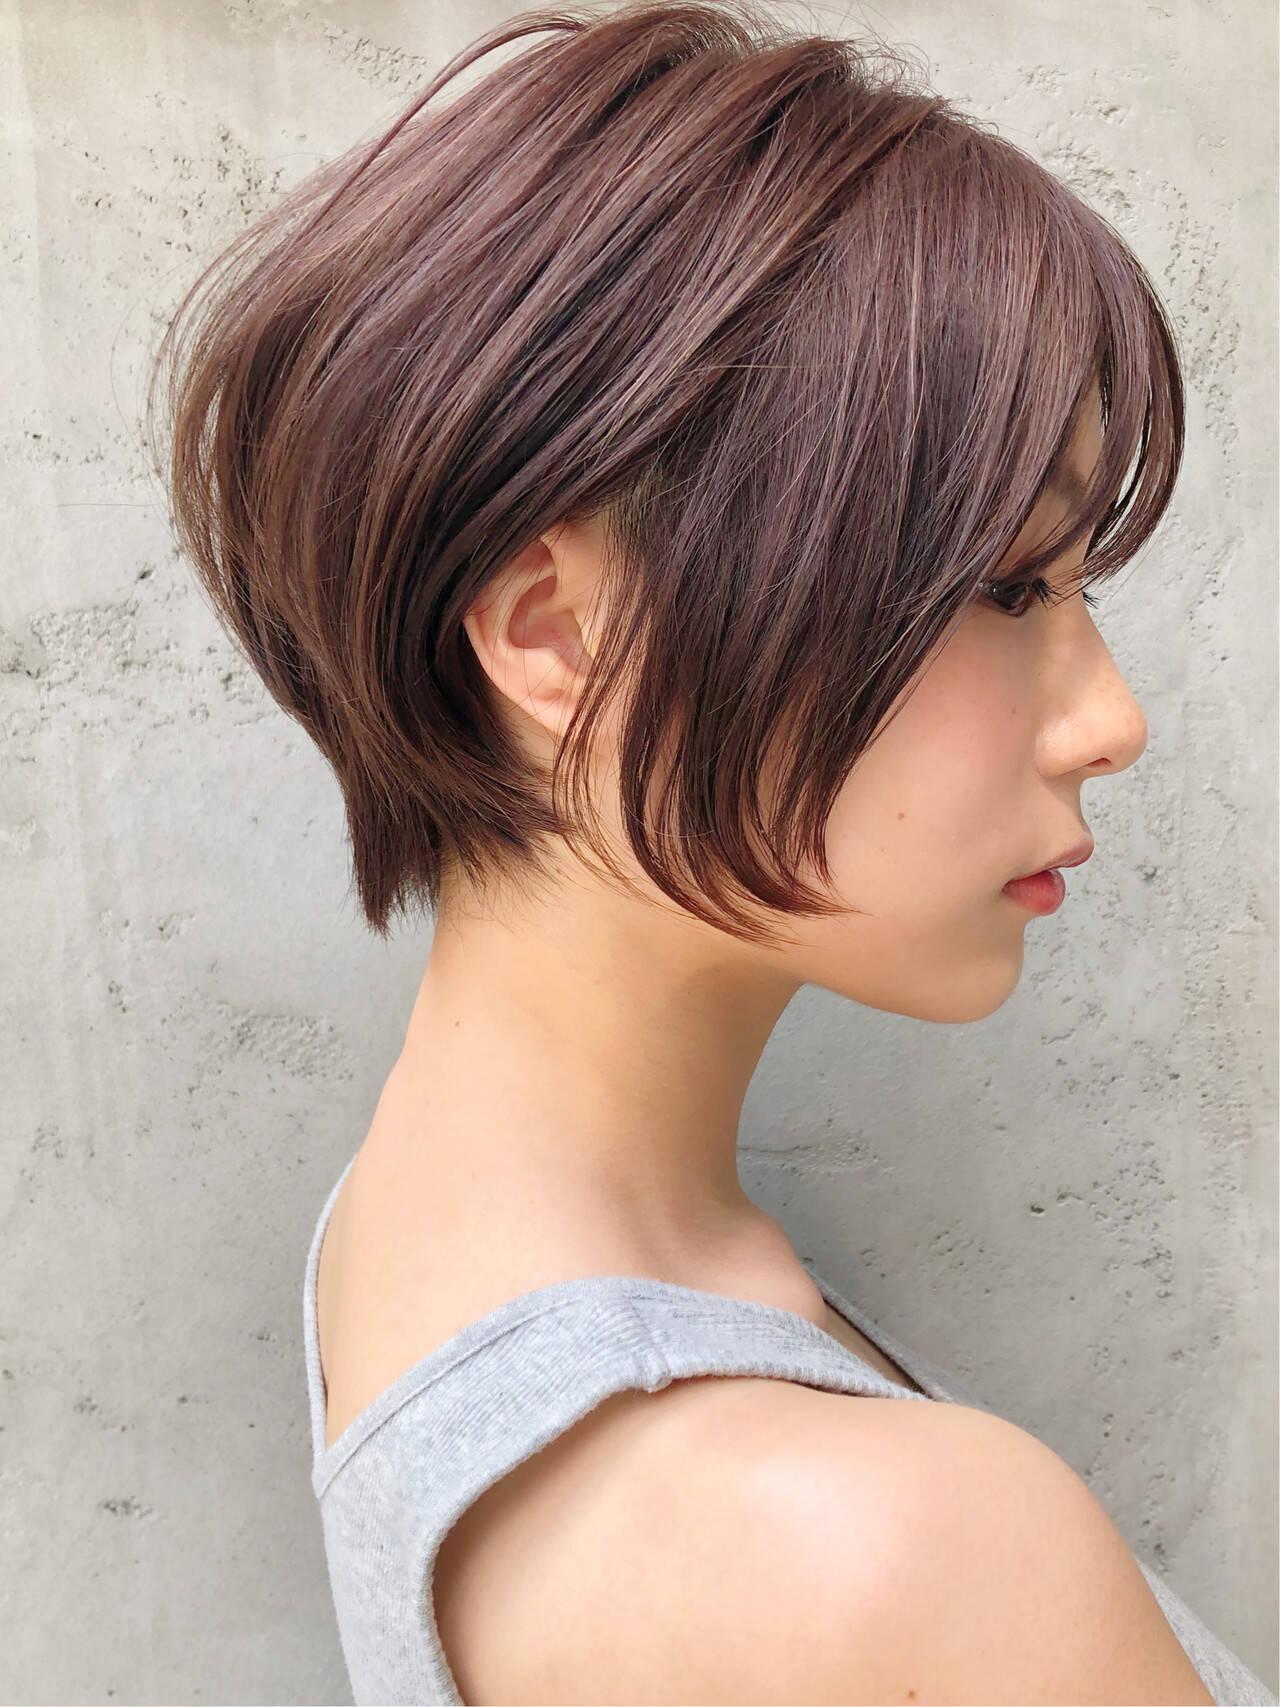 ハンサムショート ショートヘア アンニュイほつれヘア ショートヘアスタイルや髪型の写真・画像